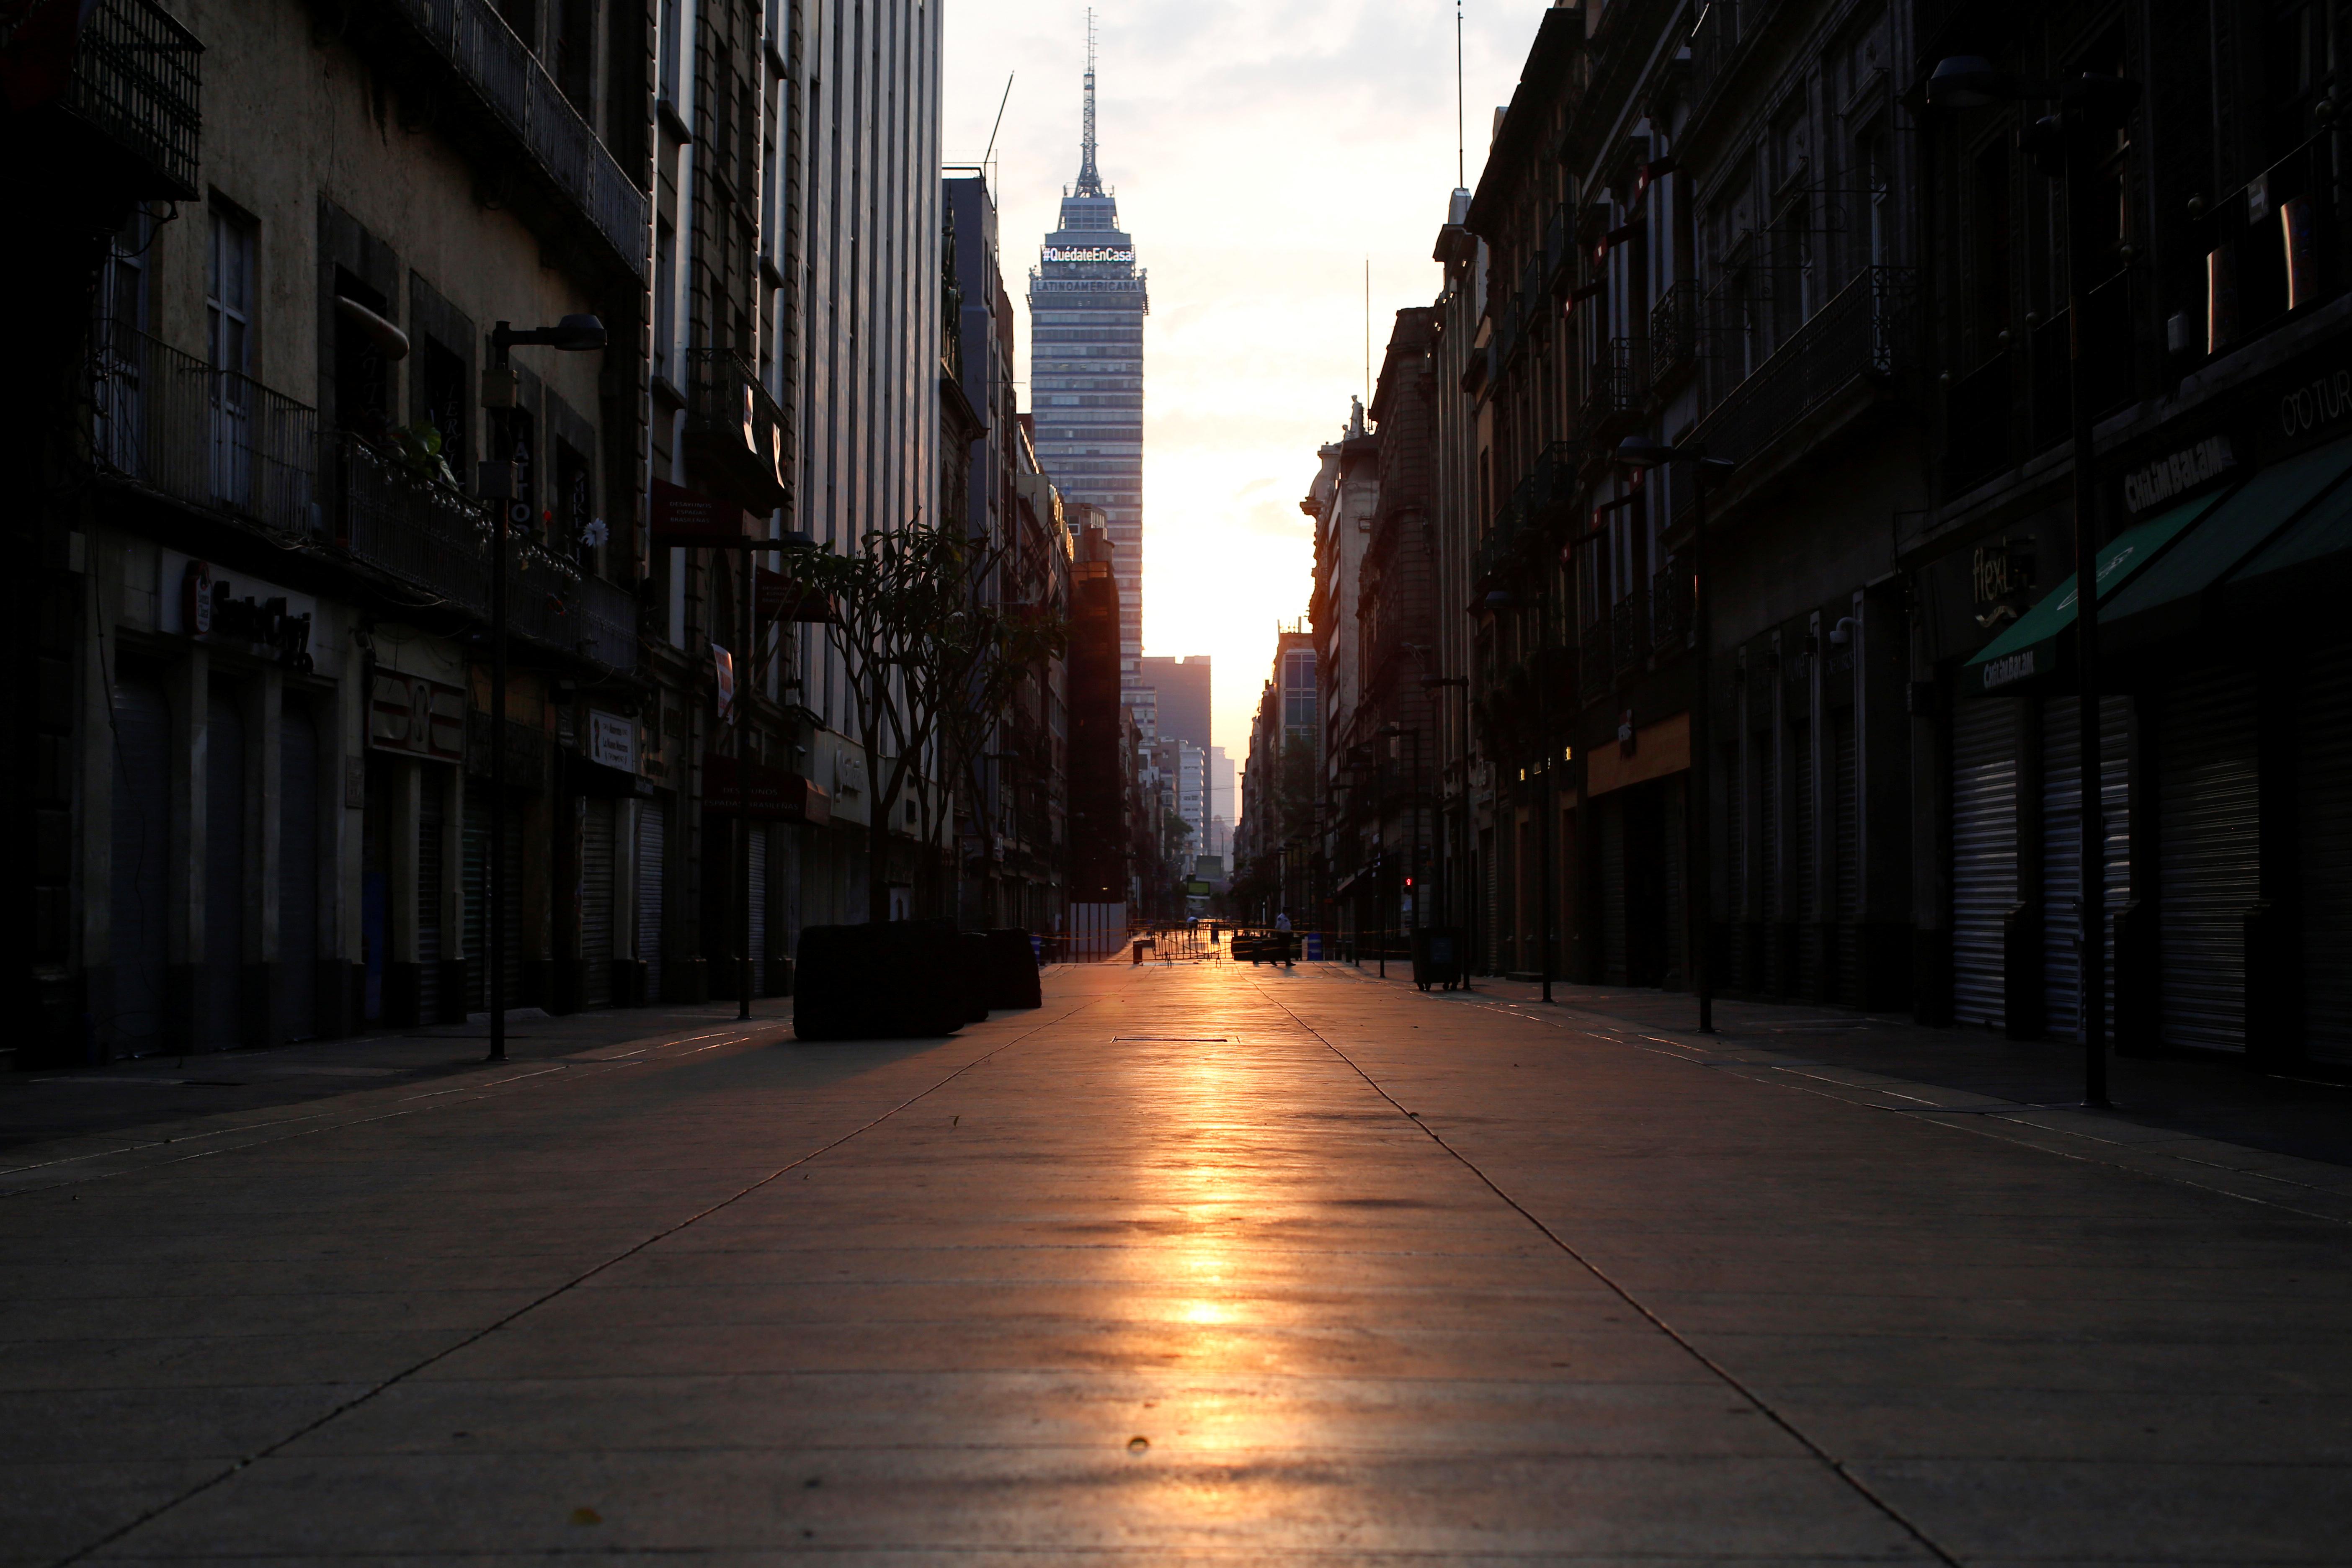 AHORA - La Torre Latinoamericana se ve a lo lejos sin gente en el paisaje, en la Ciudad de México (REUTERS/Gustavo Graf)